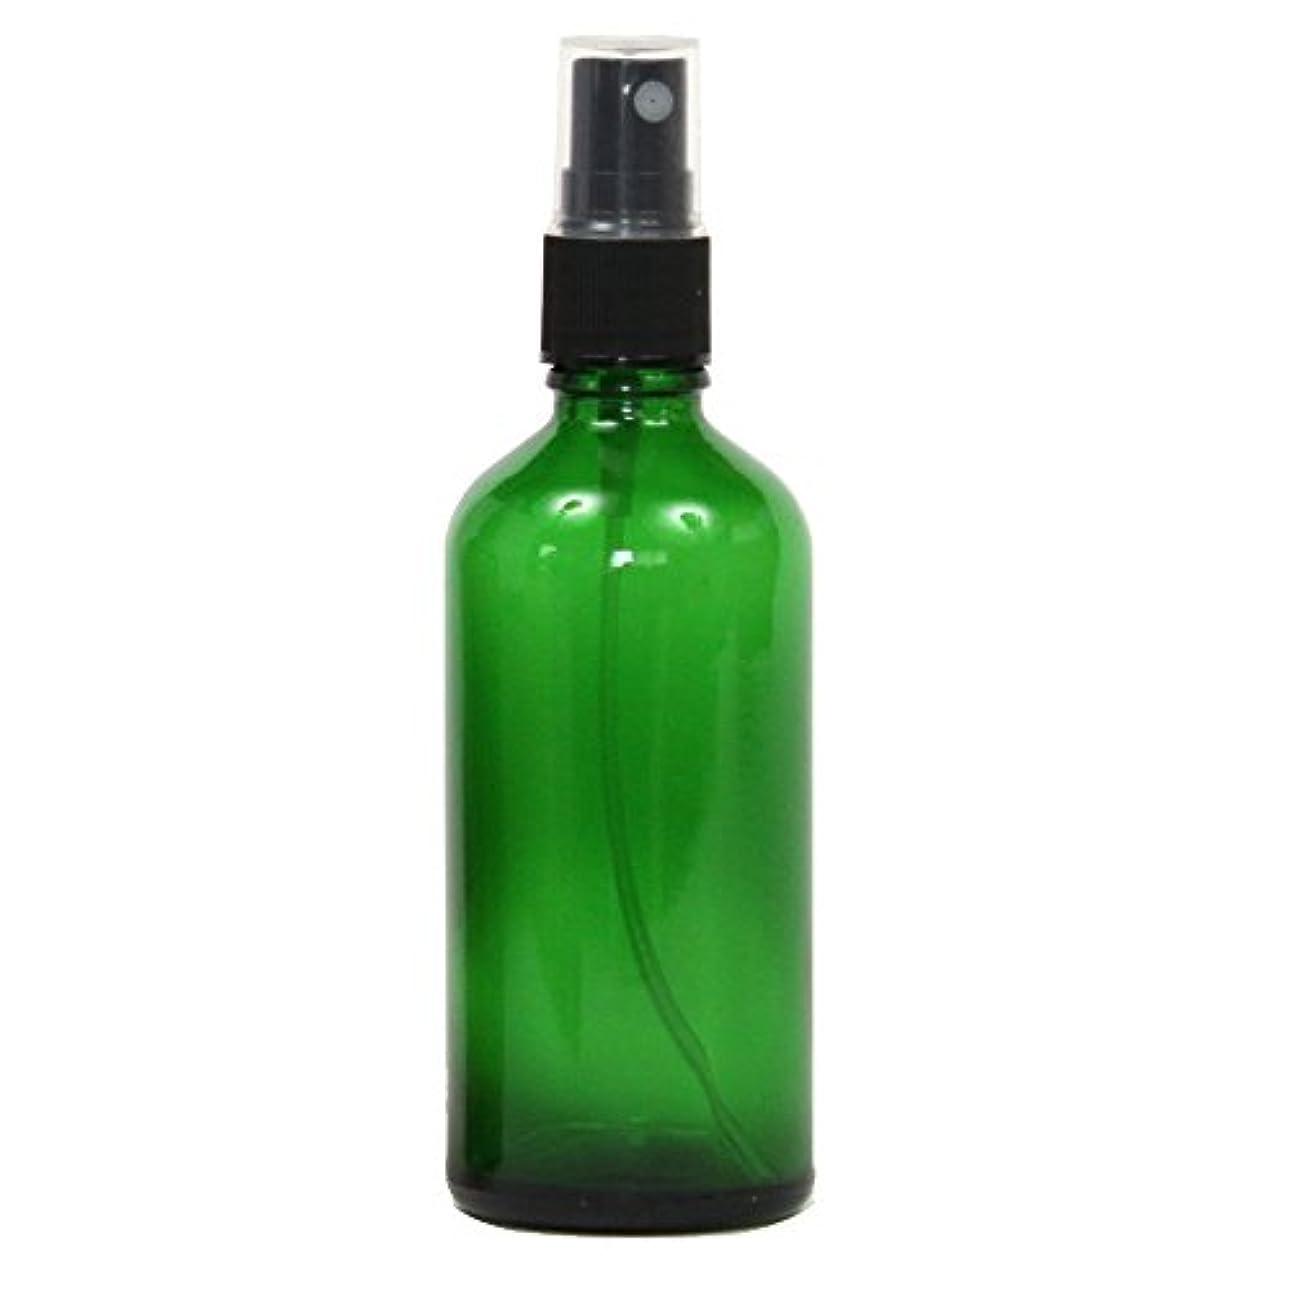 思いやりのある選択スプレーボトル ガラス瓶 100mL 【グリーン 緑色】 遮光性 ガラスアトマイザー 空容器gr100g